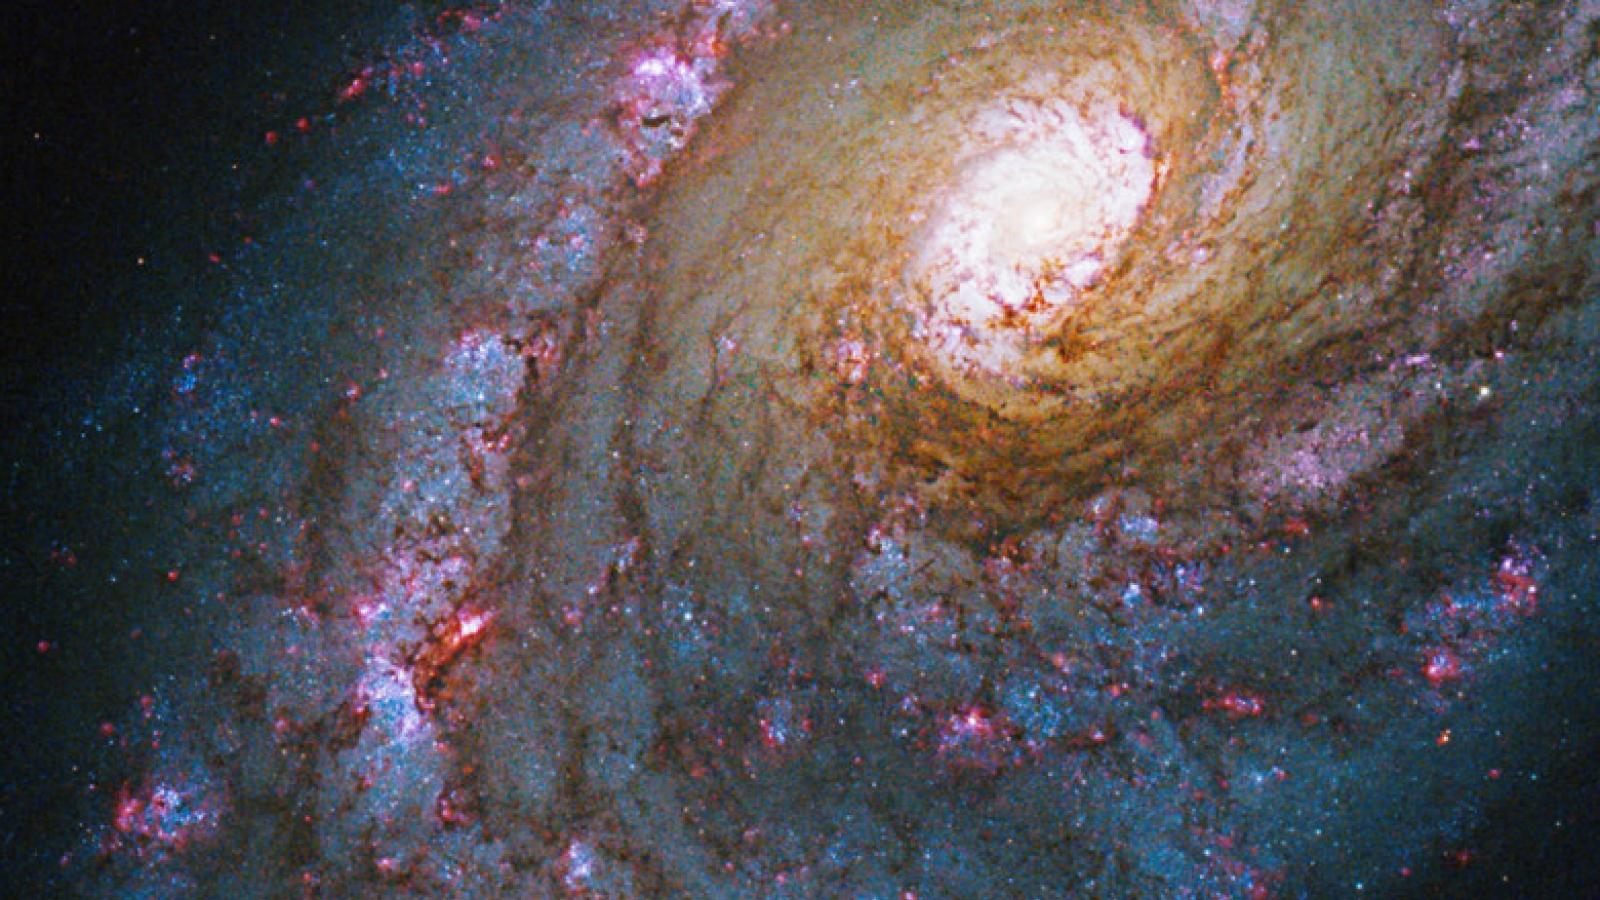 NASA lần đầu công bố những hình ảnh vũ trụ tuyệt đẹp từ kính thiên văn Hubble